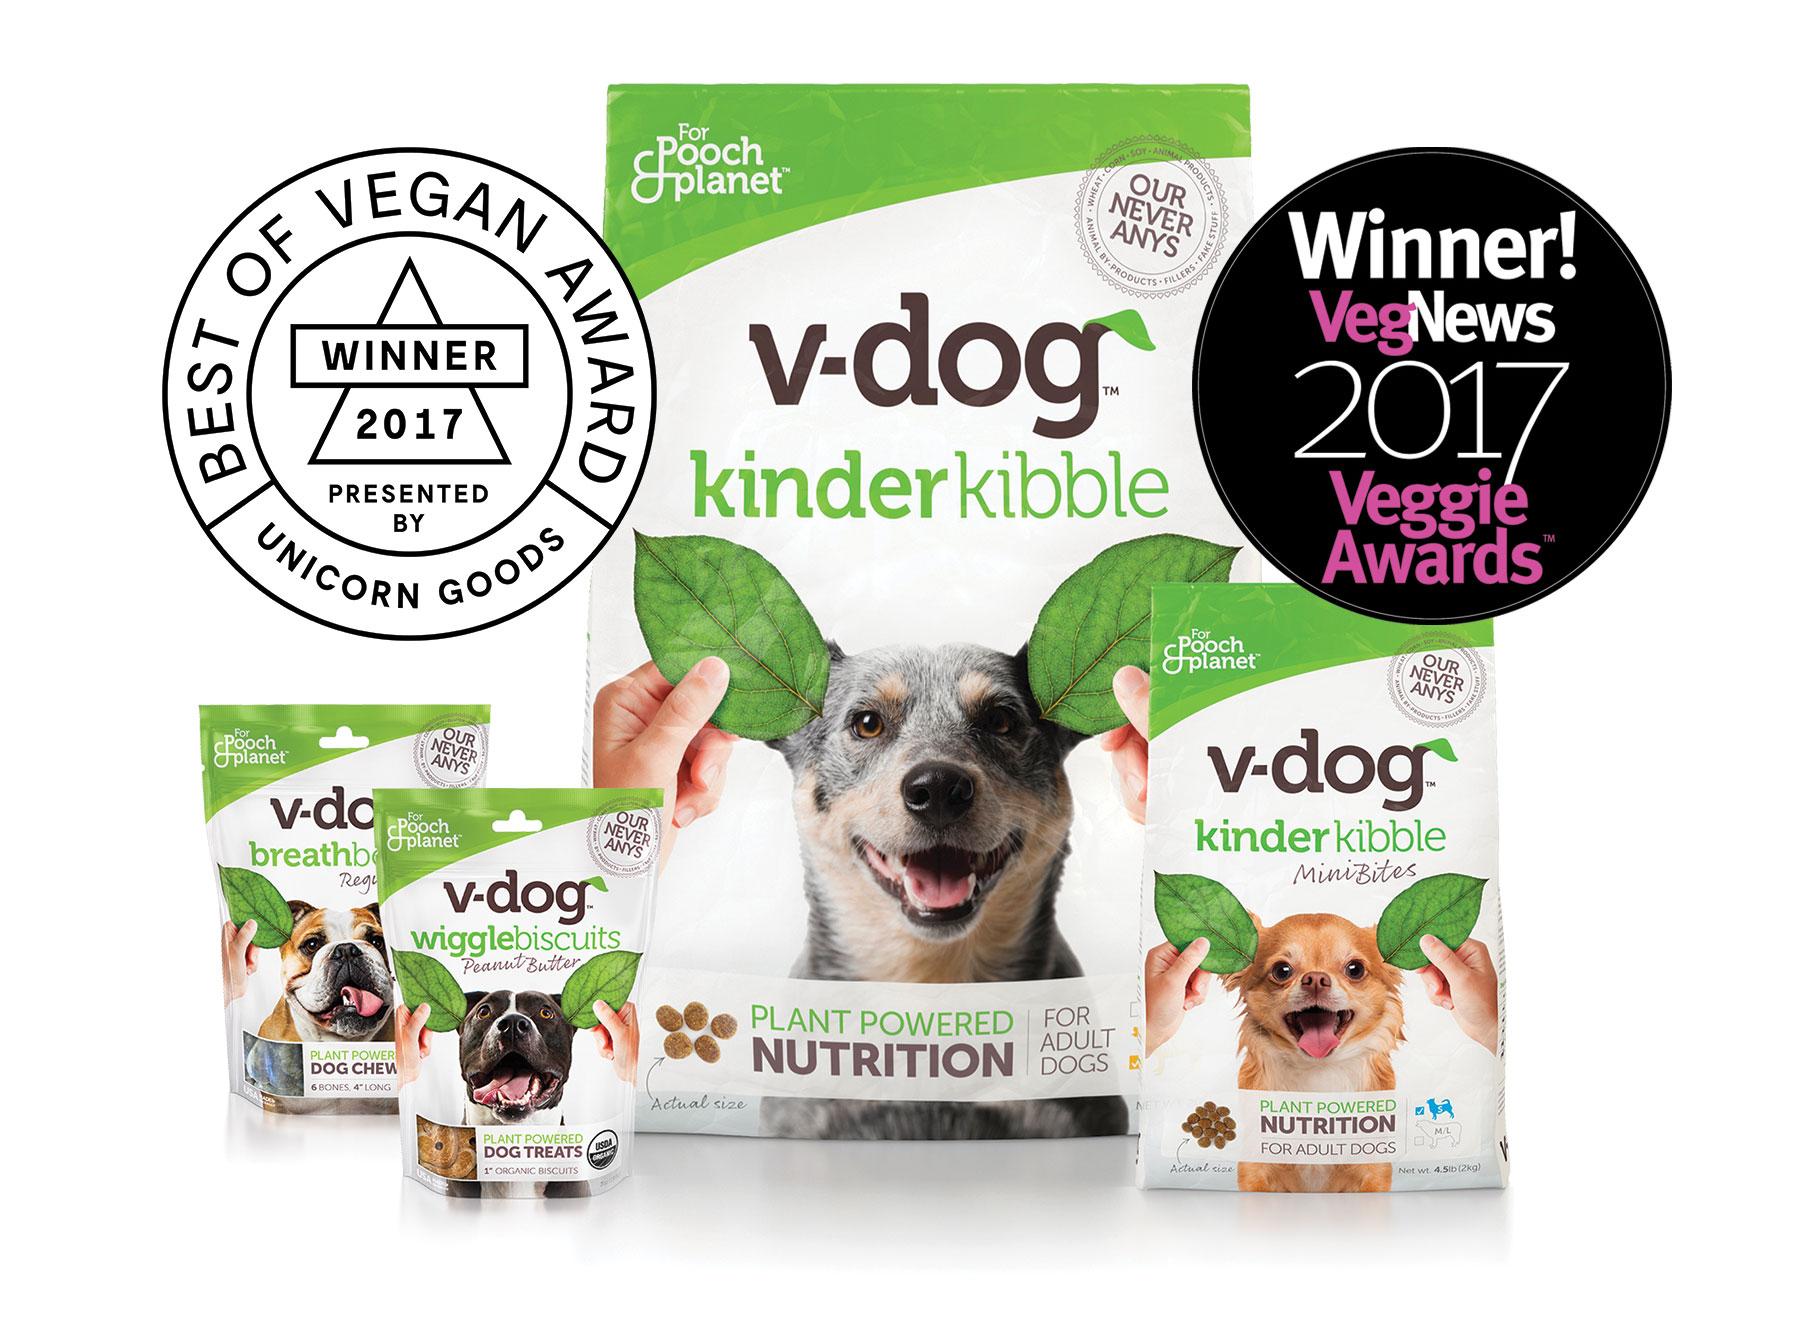 San Francisco based design agency Good Stuff Partners V-dog Veggie Award Winner 2017 Unicorn Goods for Best Dog Food.